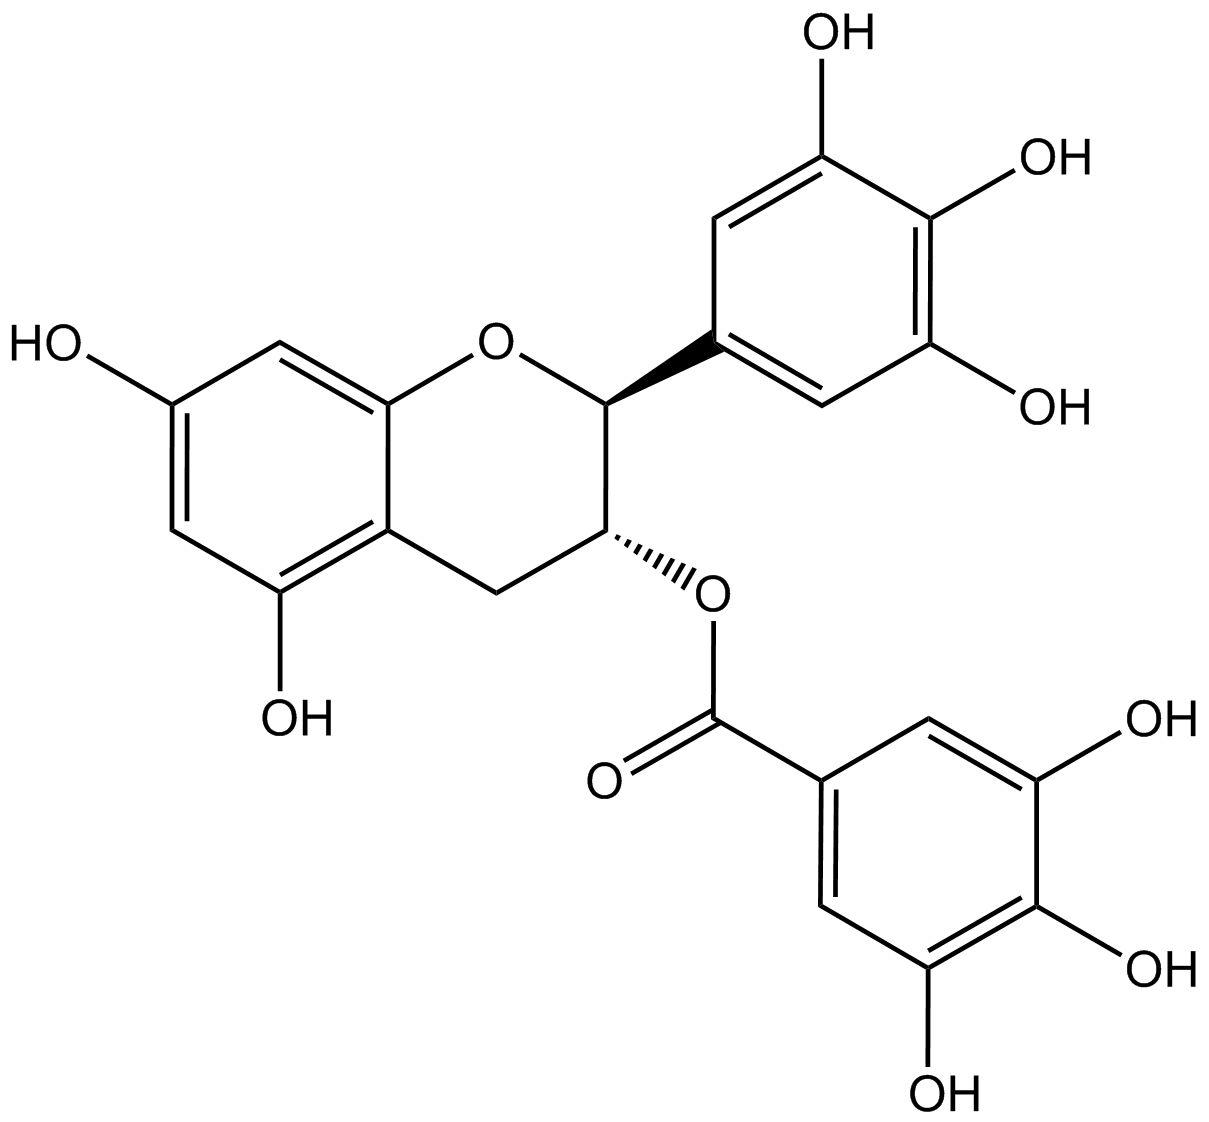 (-)-gallocatechin 3-gallate